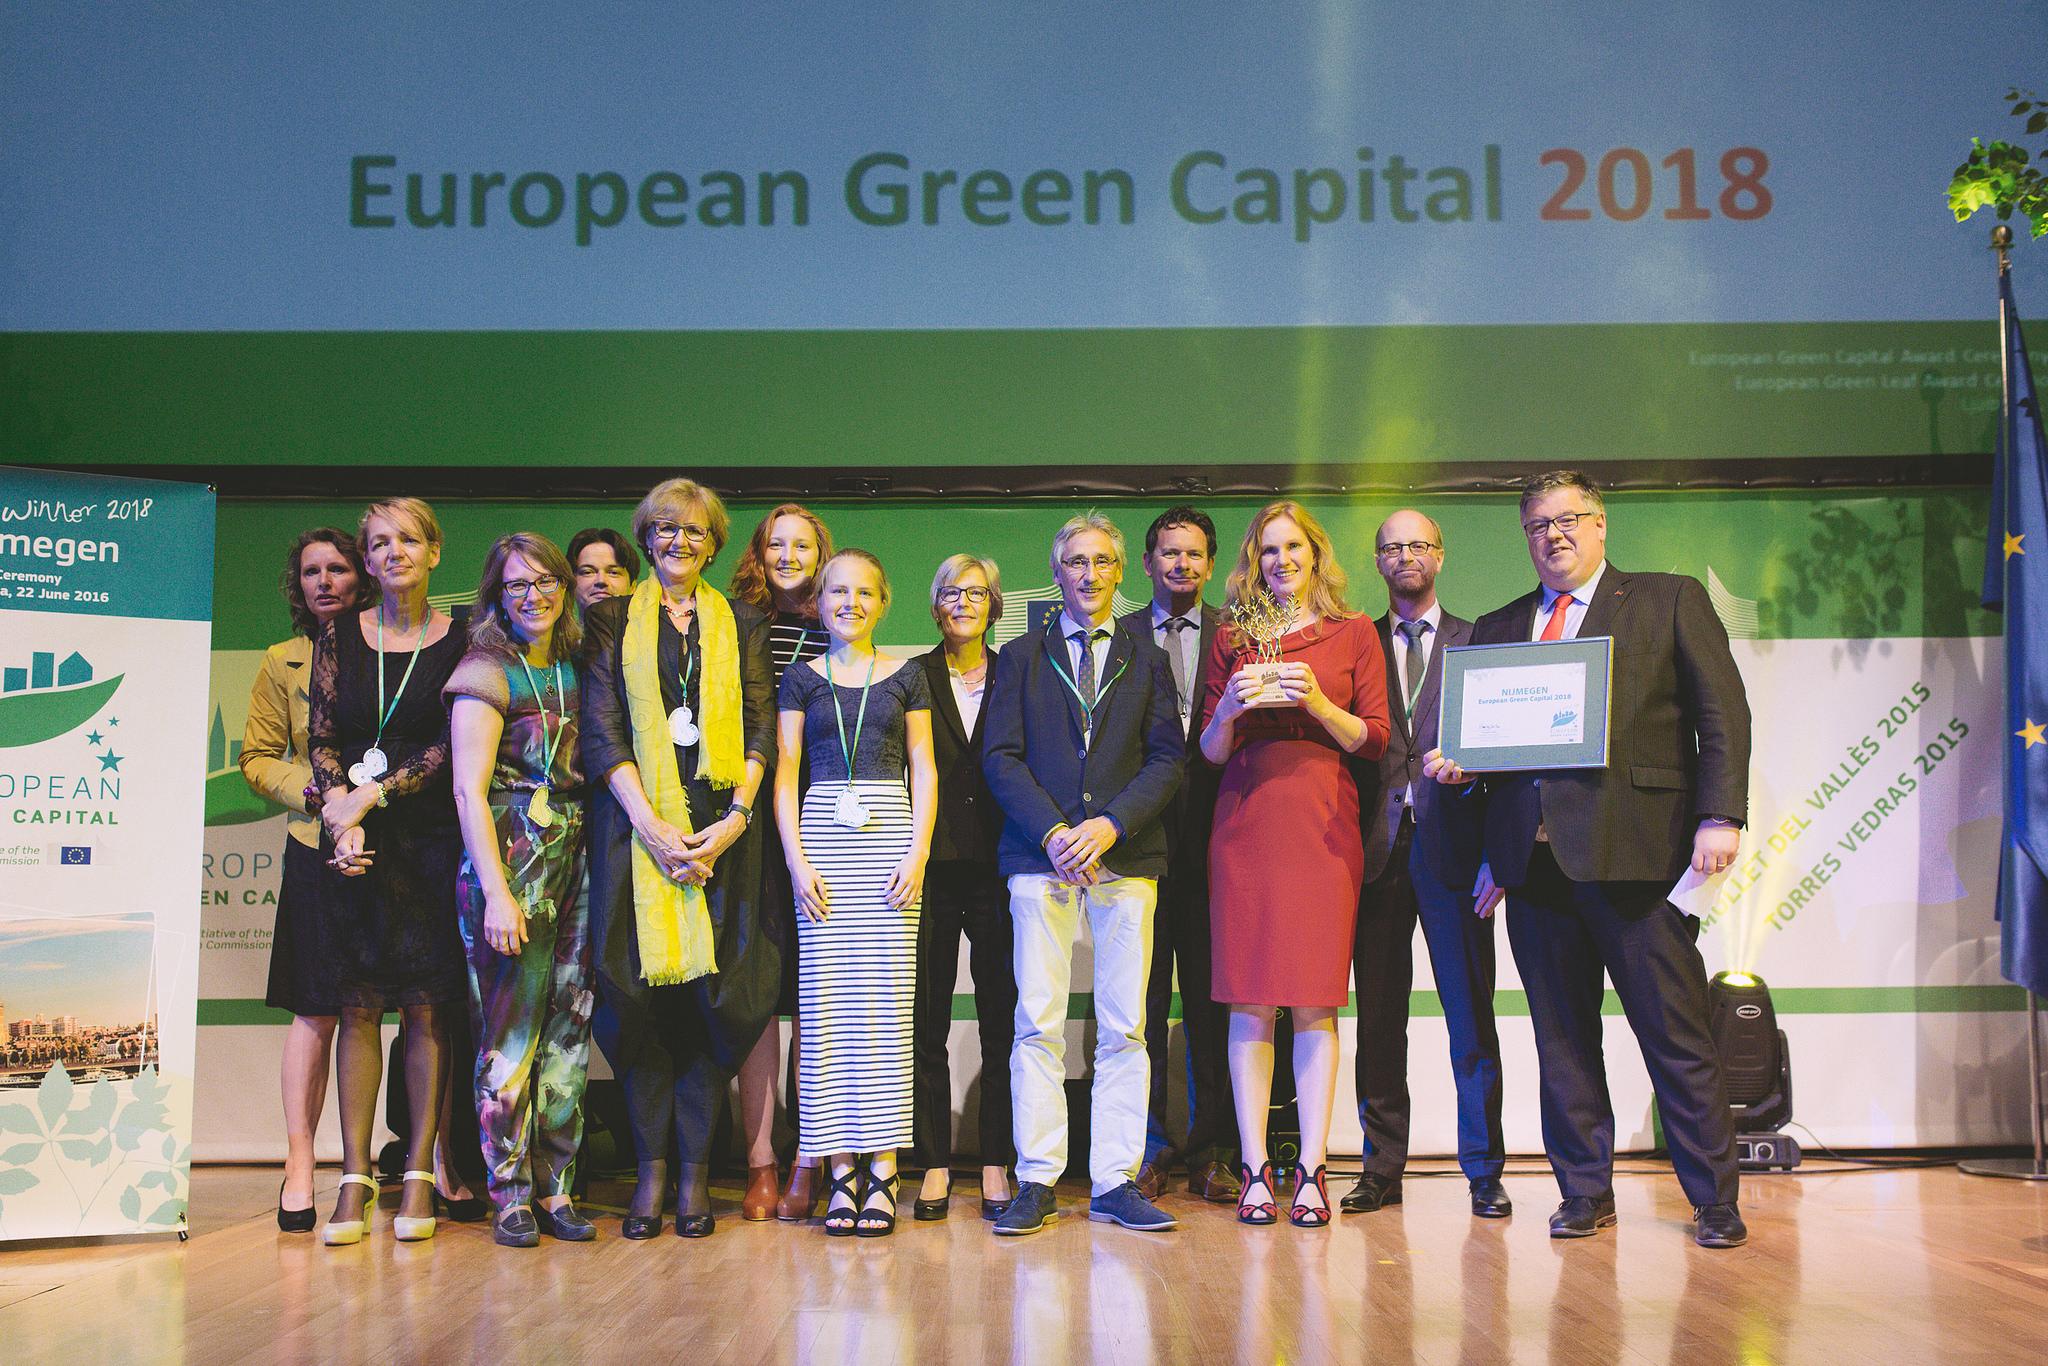 Premio European Green Capital